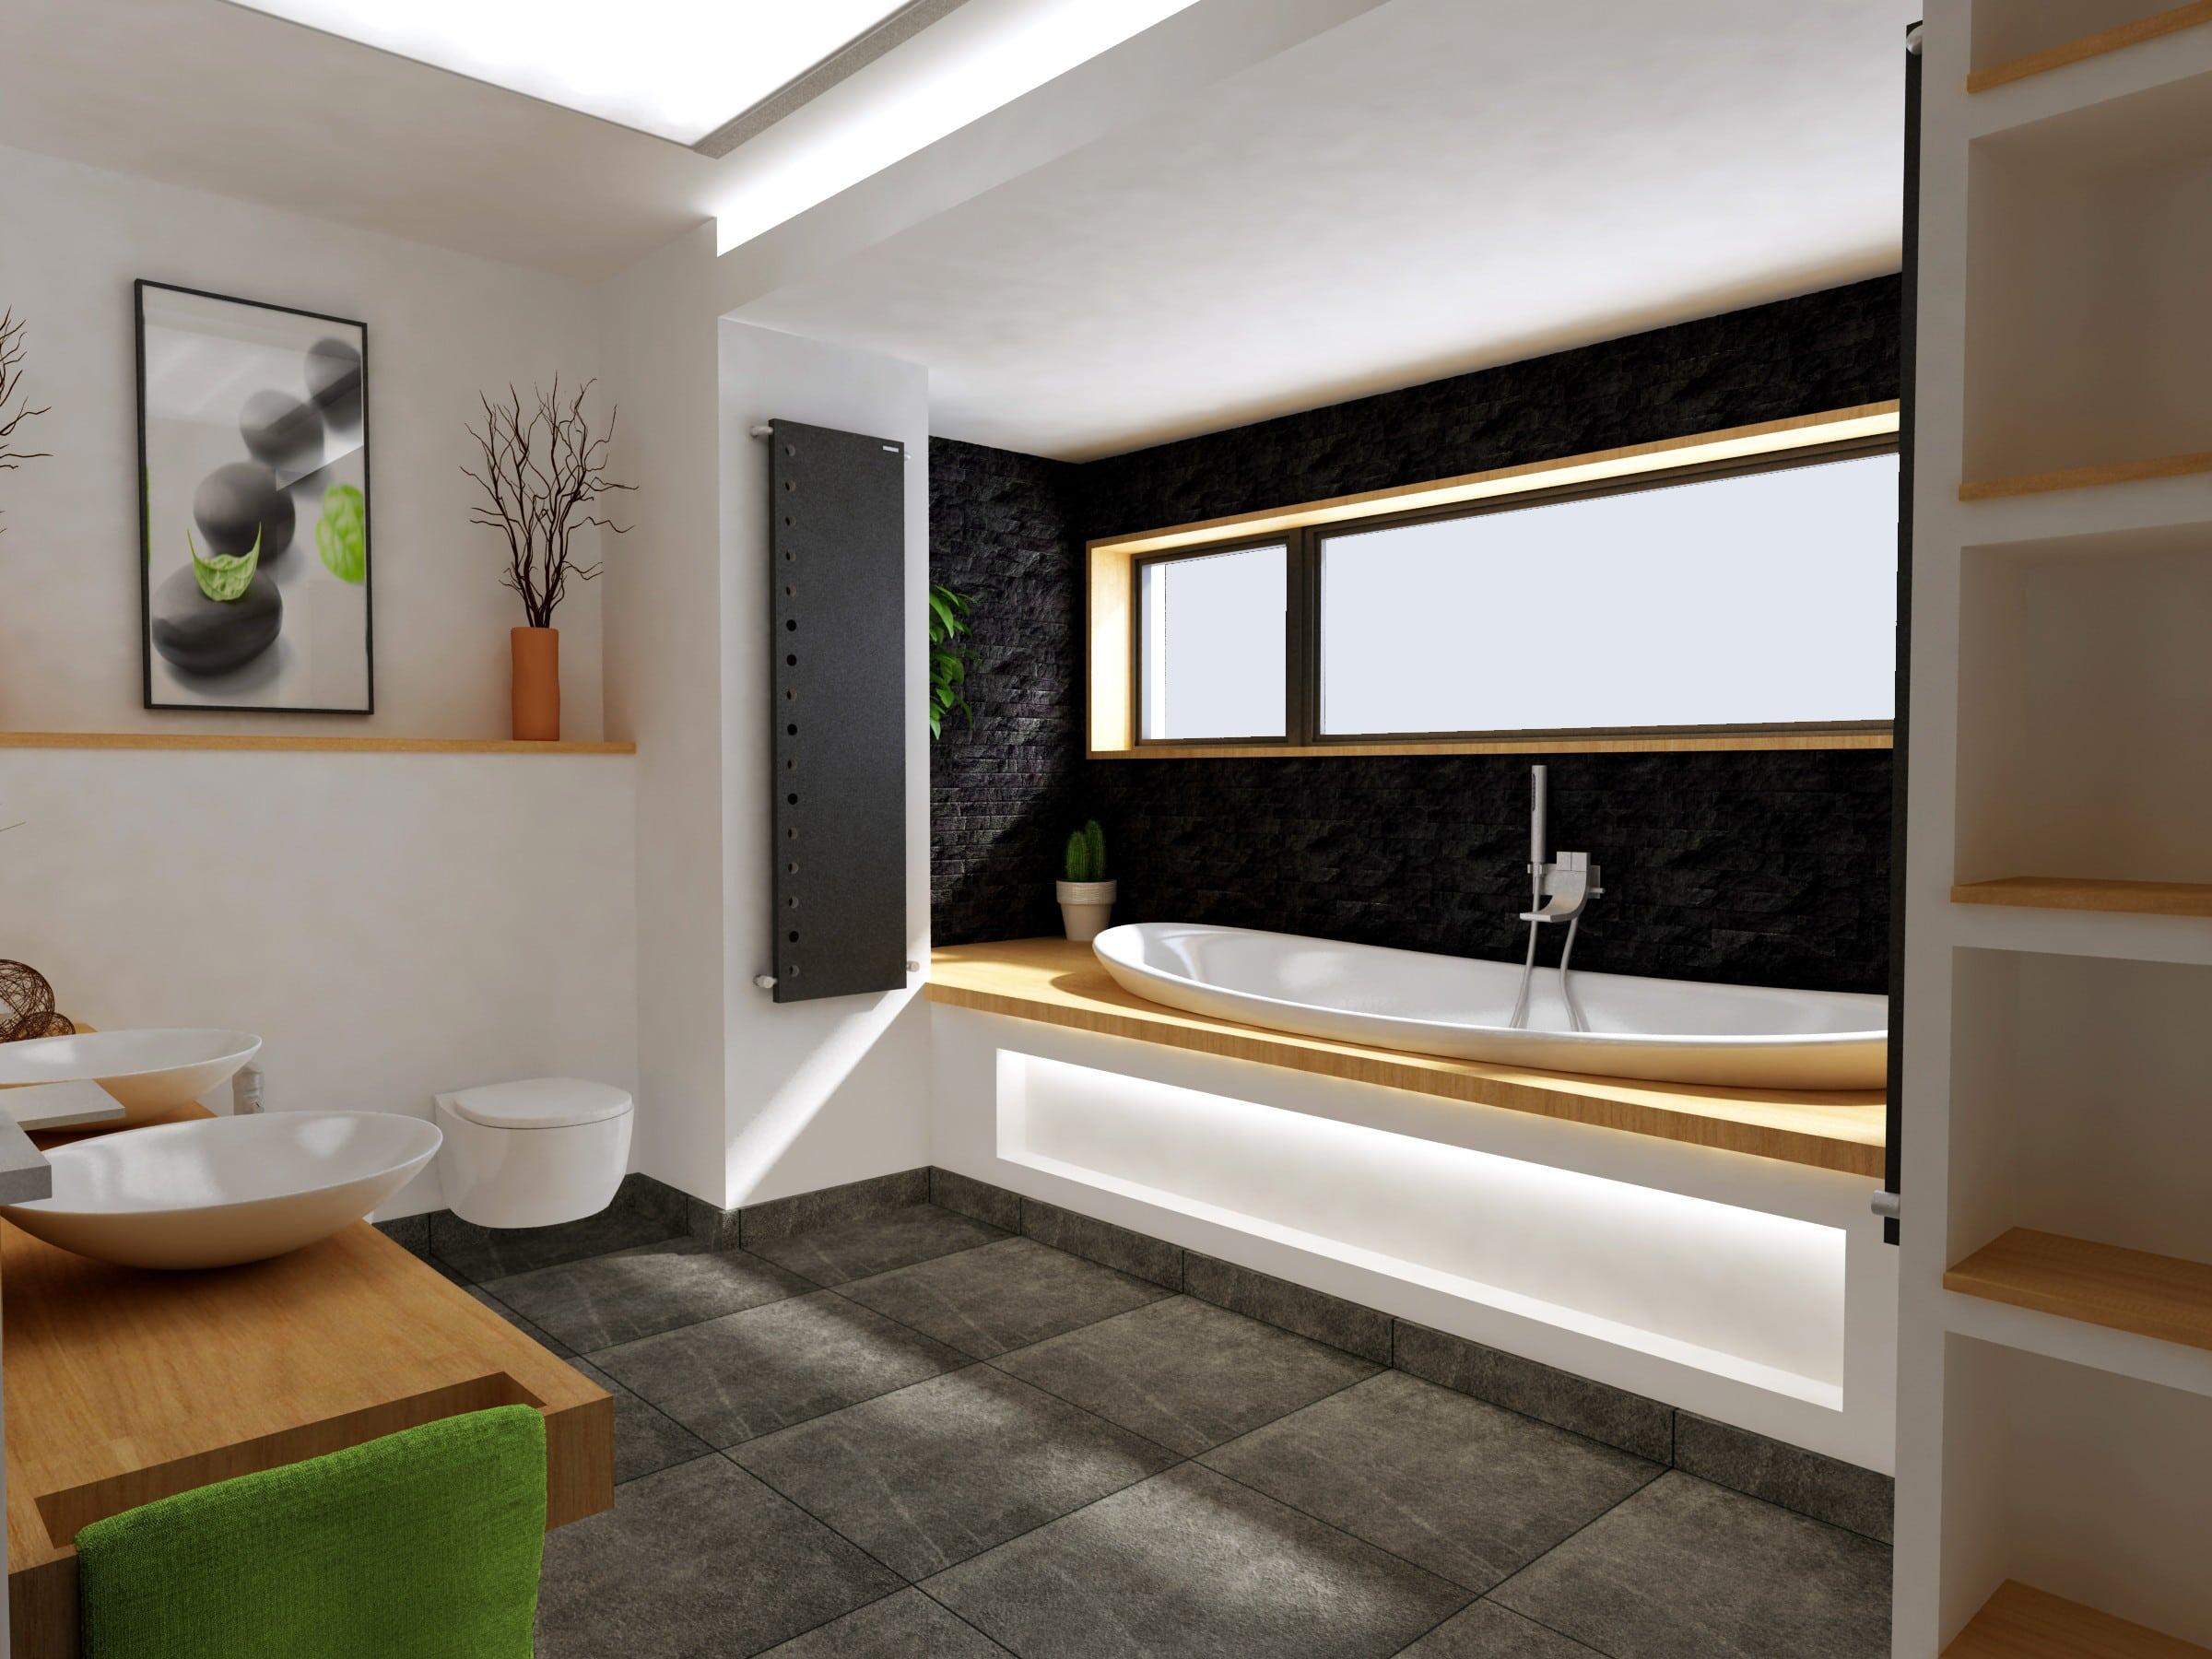 reformar baño con muebles de baño